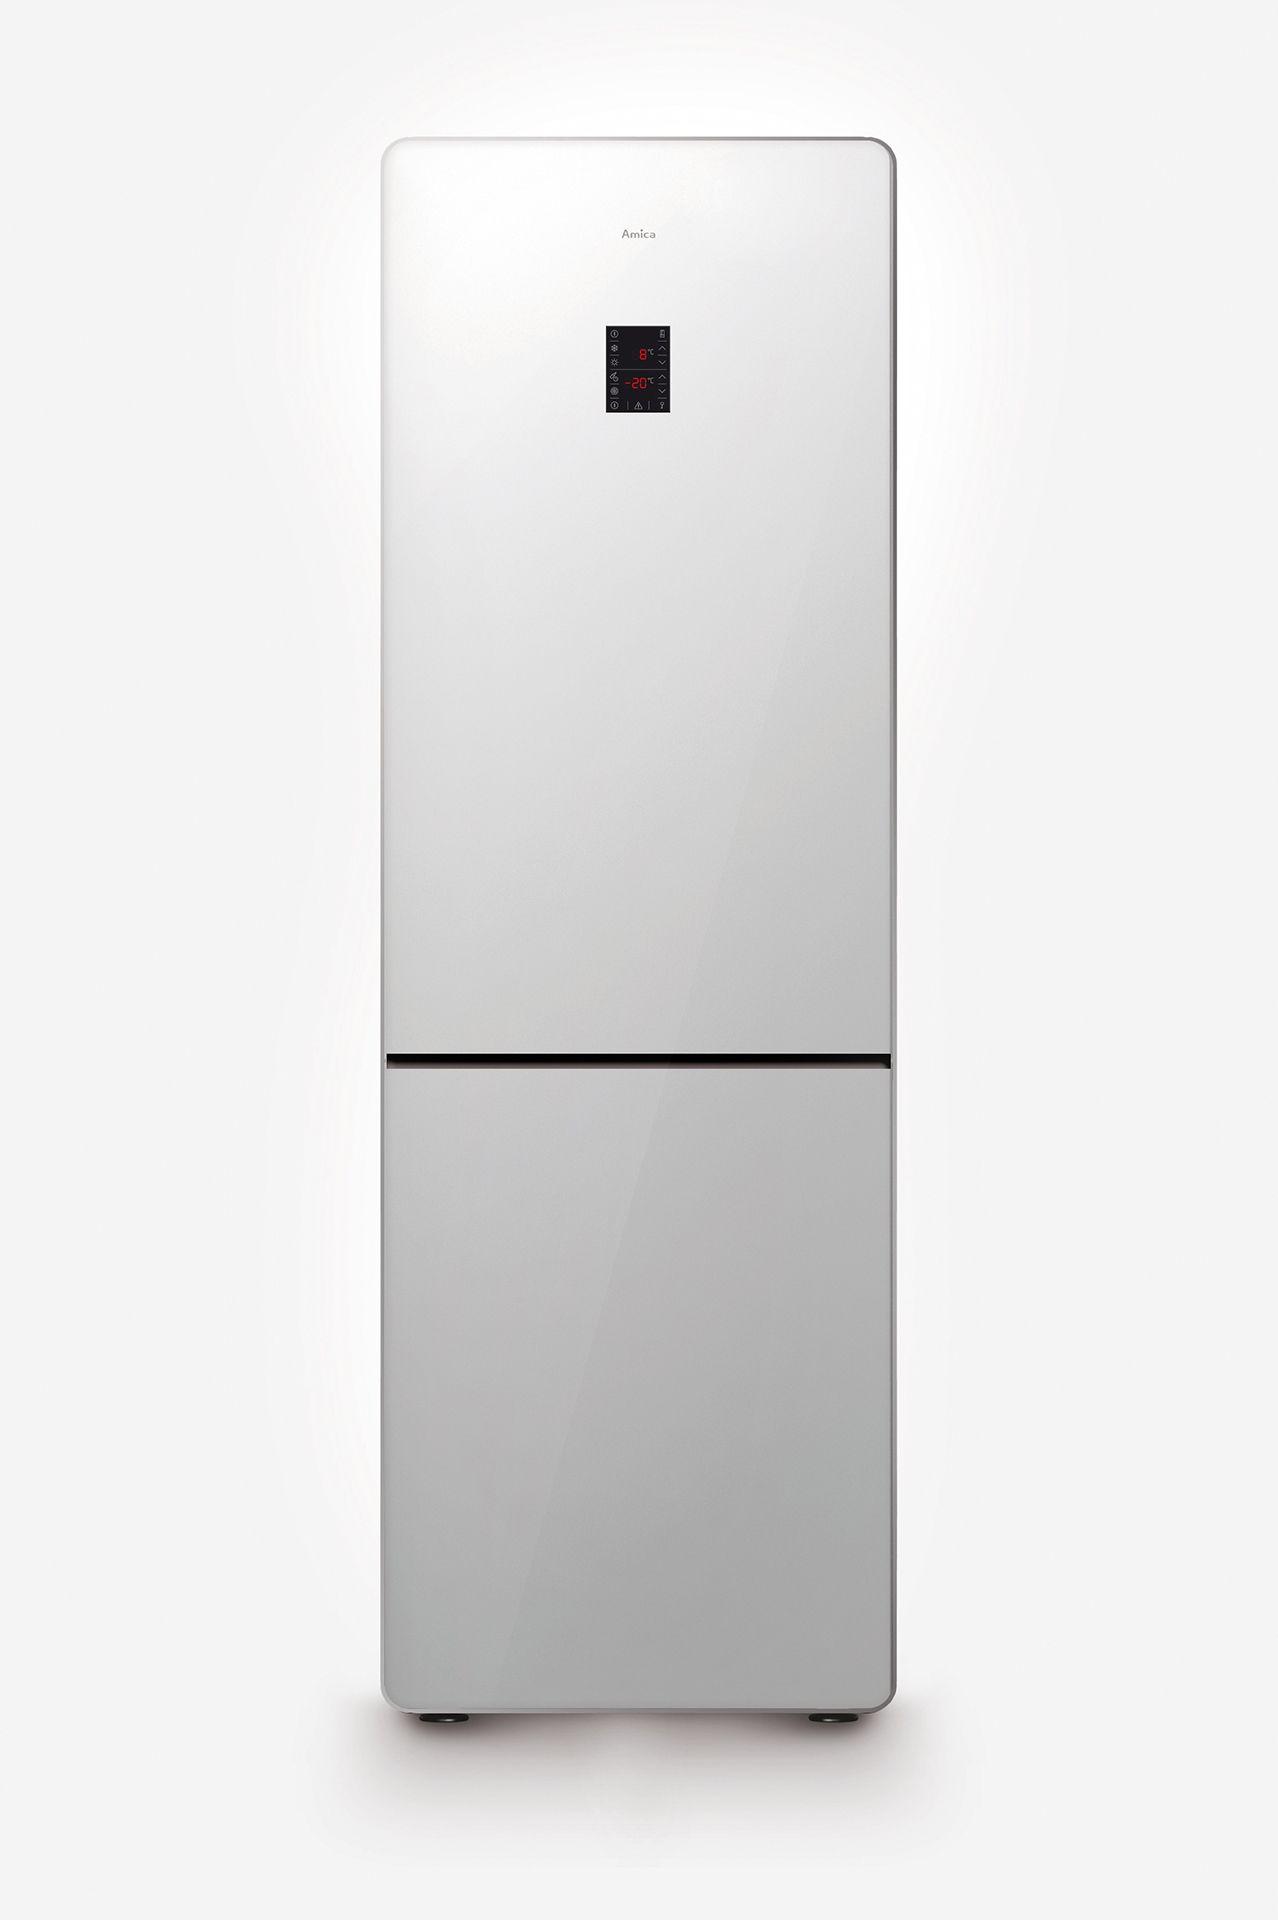 fridge / Amica IN. Pure White / 2015 / designed by CODE design